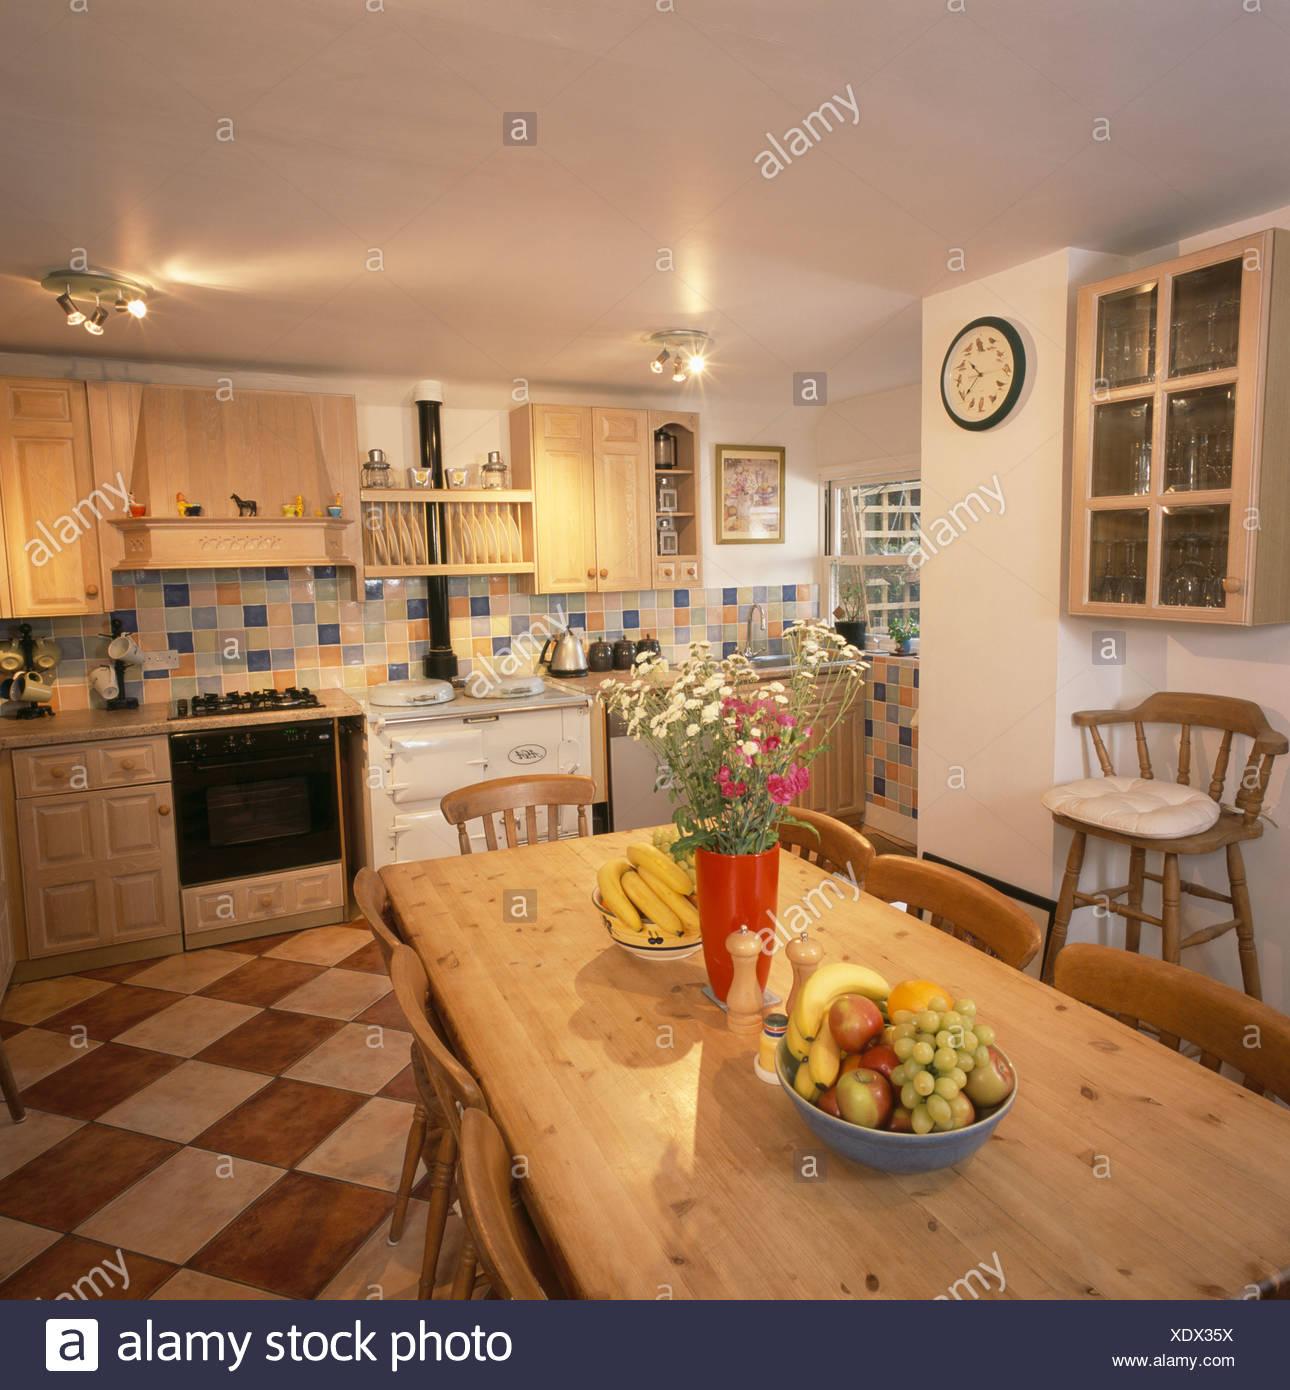 Tolle Küchenecke Tisch Mit Stau Bilder - Ideen Für Die Küche ...